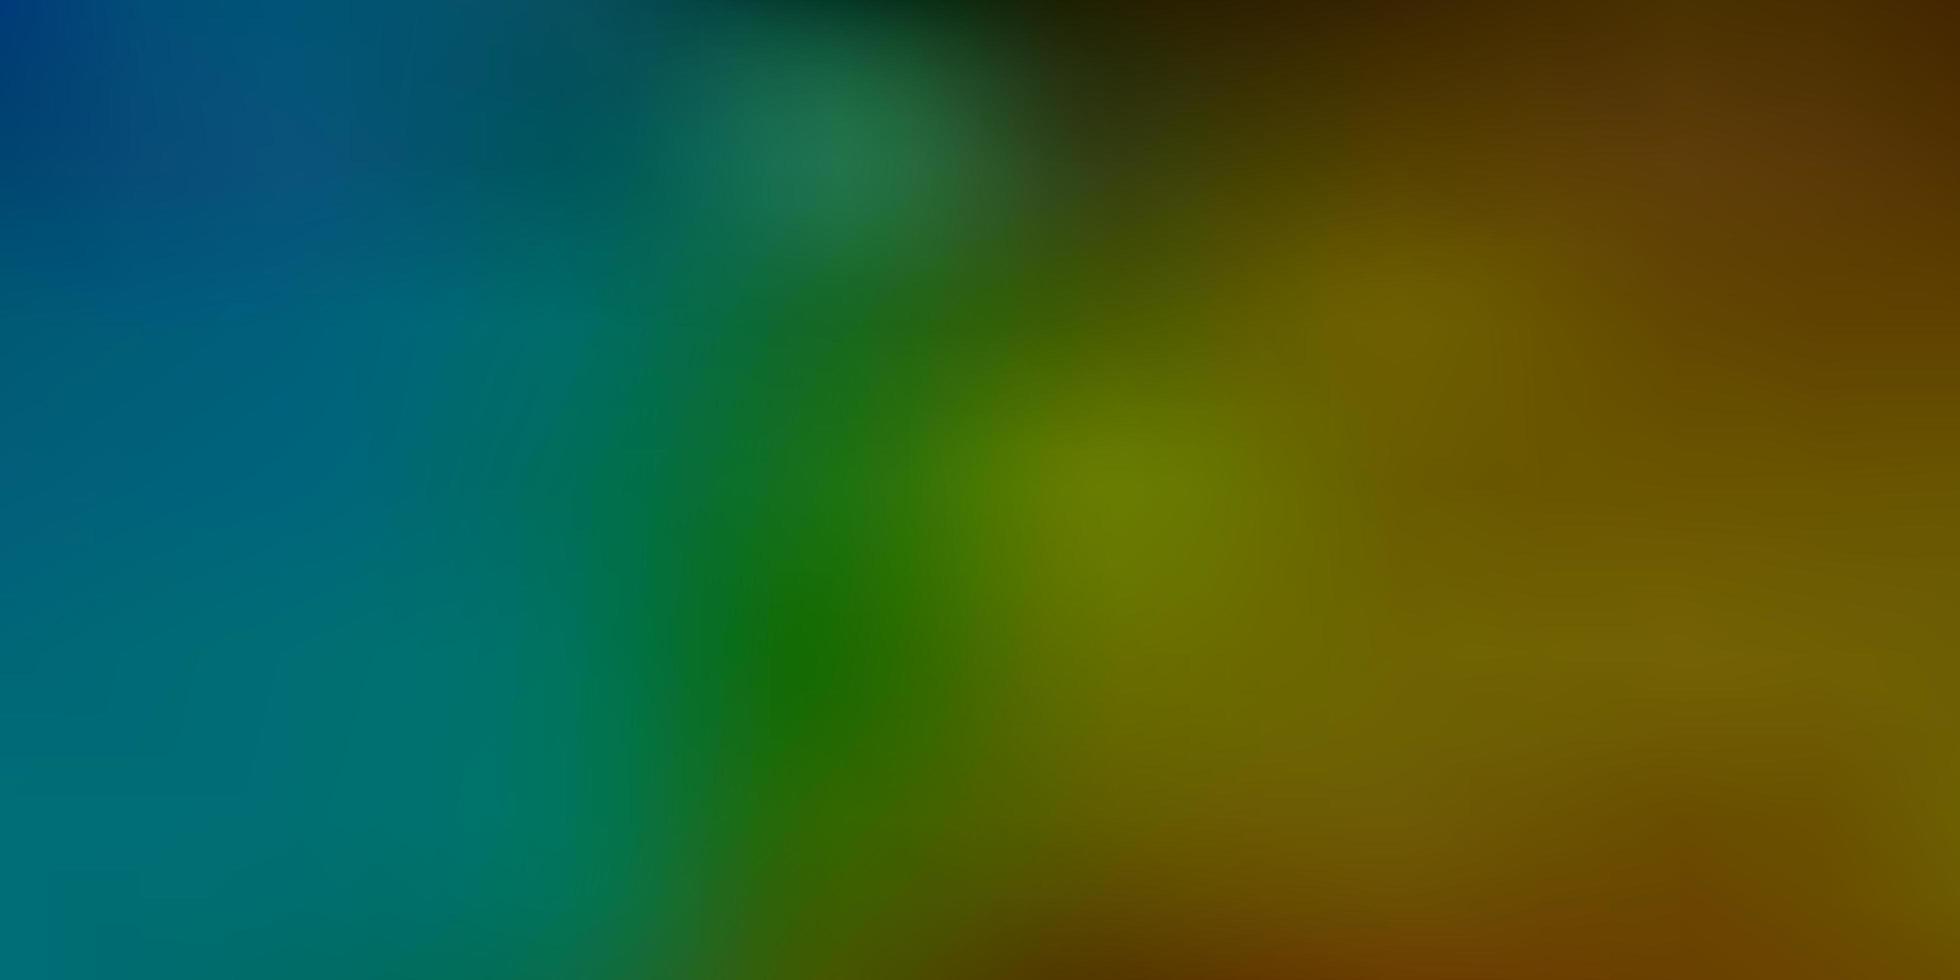 textura de desfoque de vetor azul e amarelo claro.